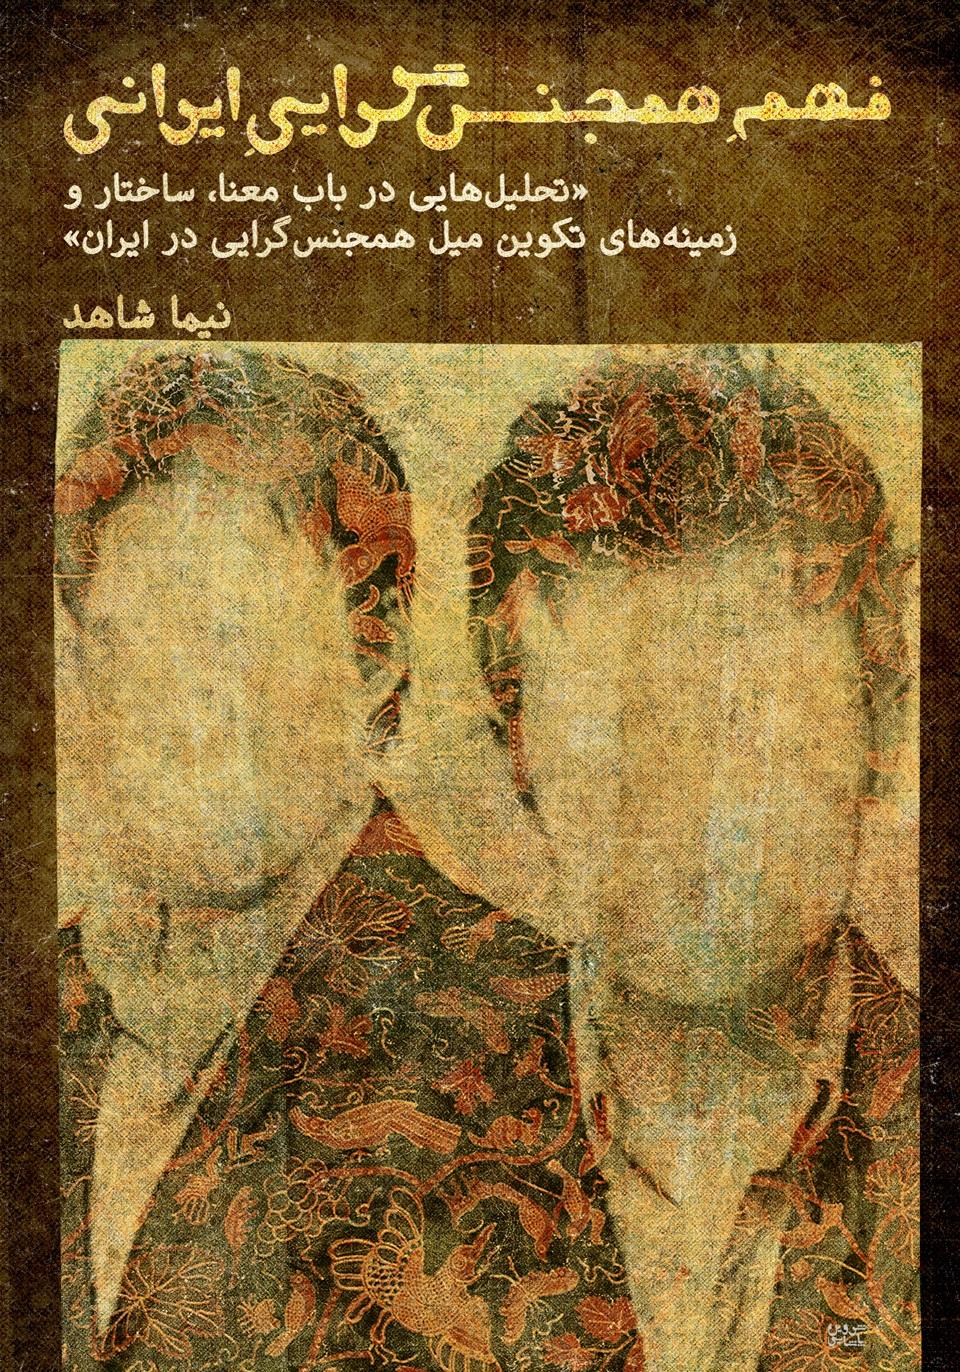 معرفی کتاب: فهم همجنسگرایی ایرانی